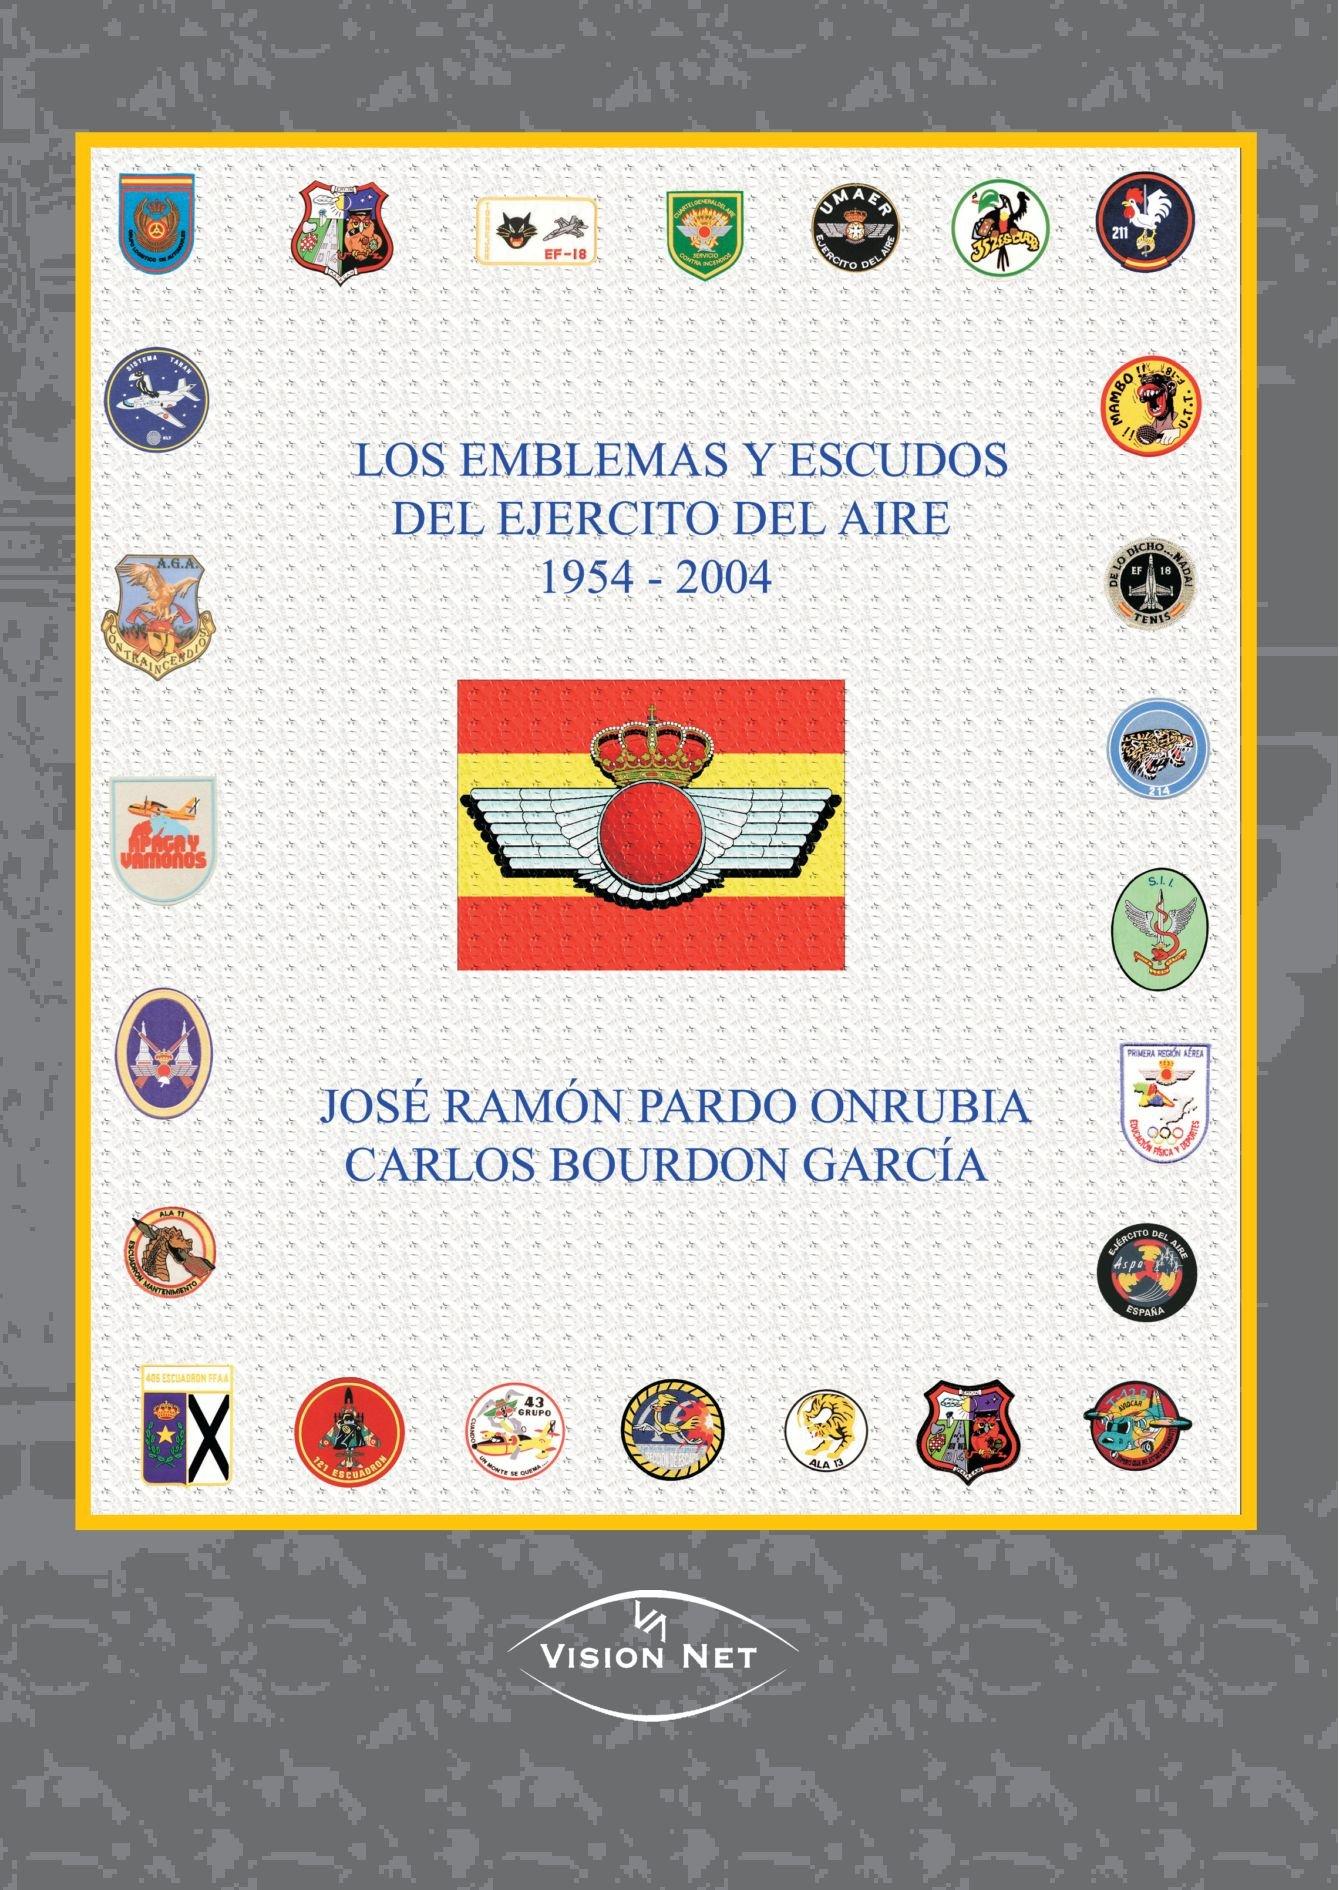 Los emblemas y escudos del ejercito del aire 1954-2004: Amazon.es: Bordon García, Carlos: Libros